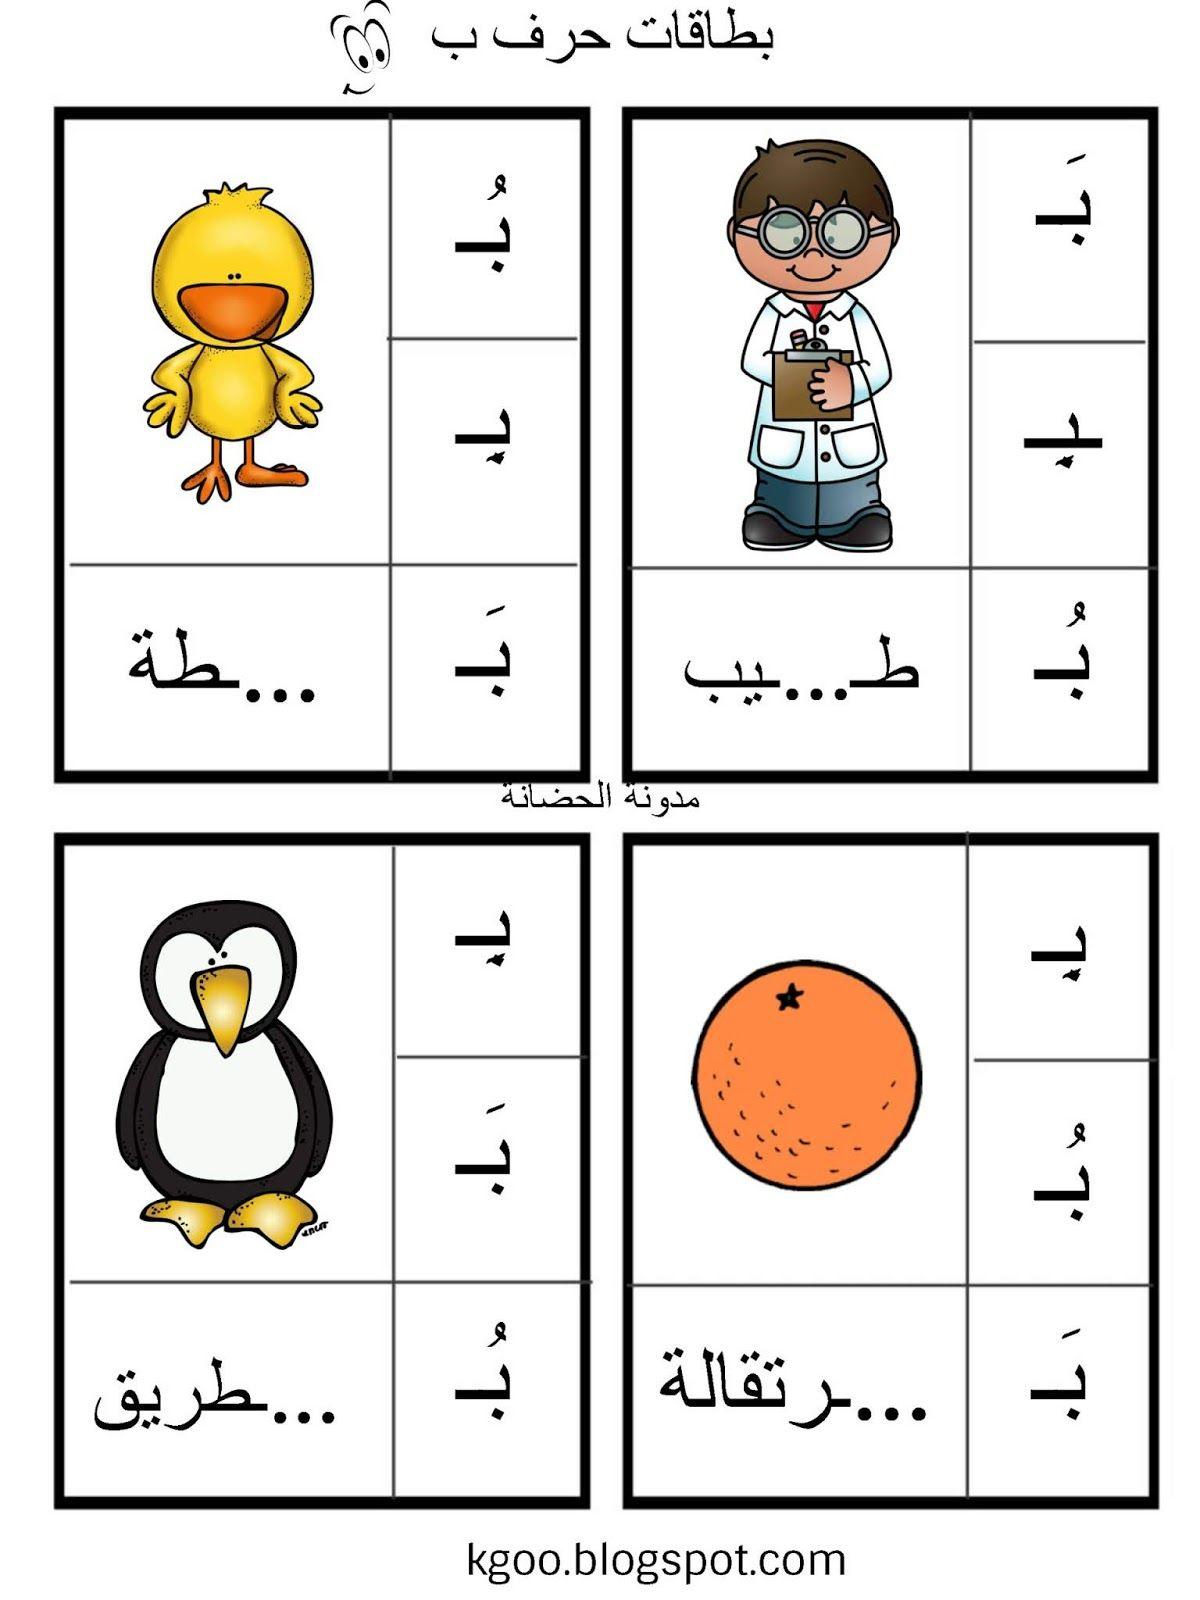 اقوى تحضير لحرف الباء لرياض الاطفال Arabic Alphabet For Kids Arabic Alphabet Alphabet For Kids